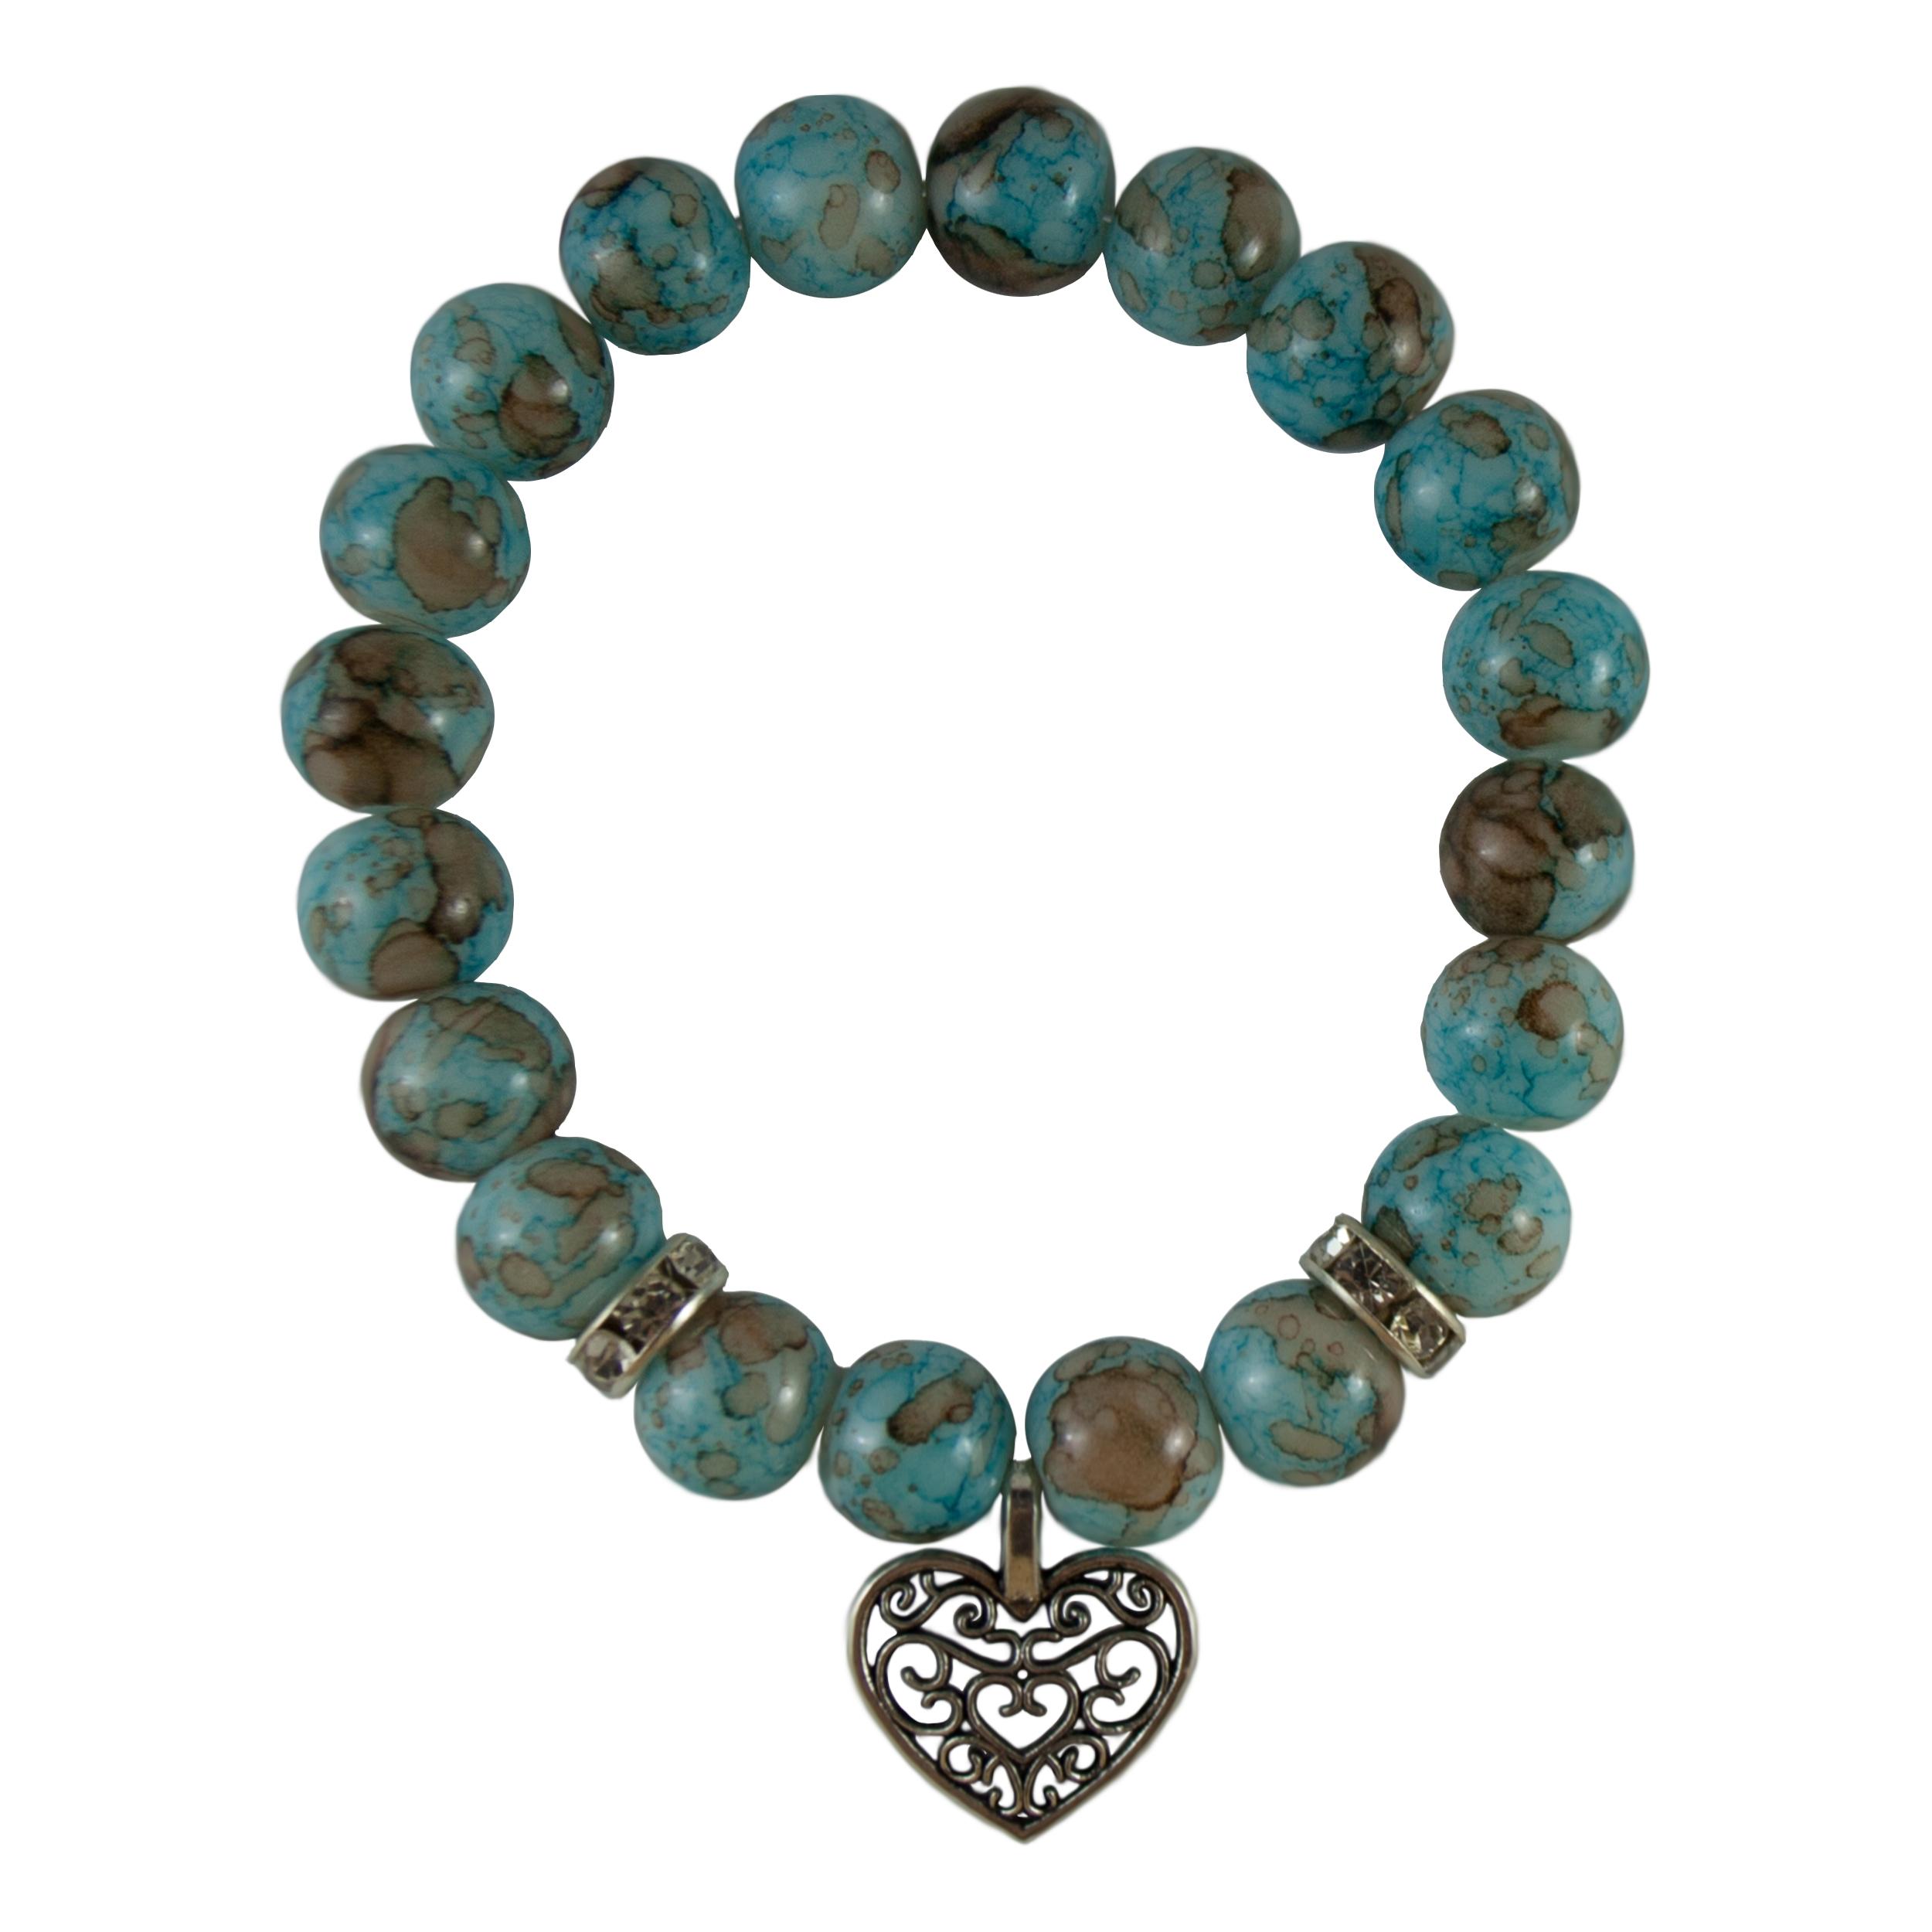 دستبند دخترانه طرح قلب کد 1022